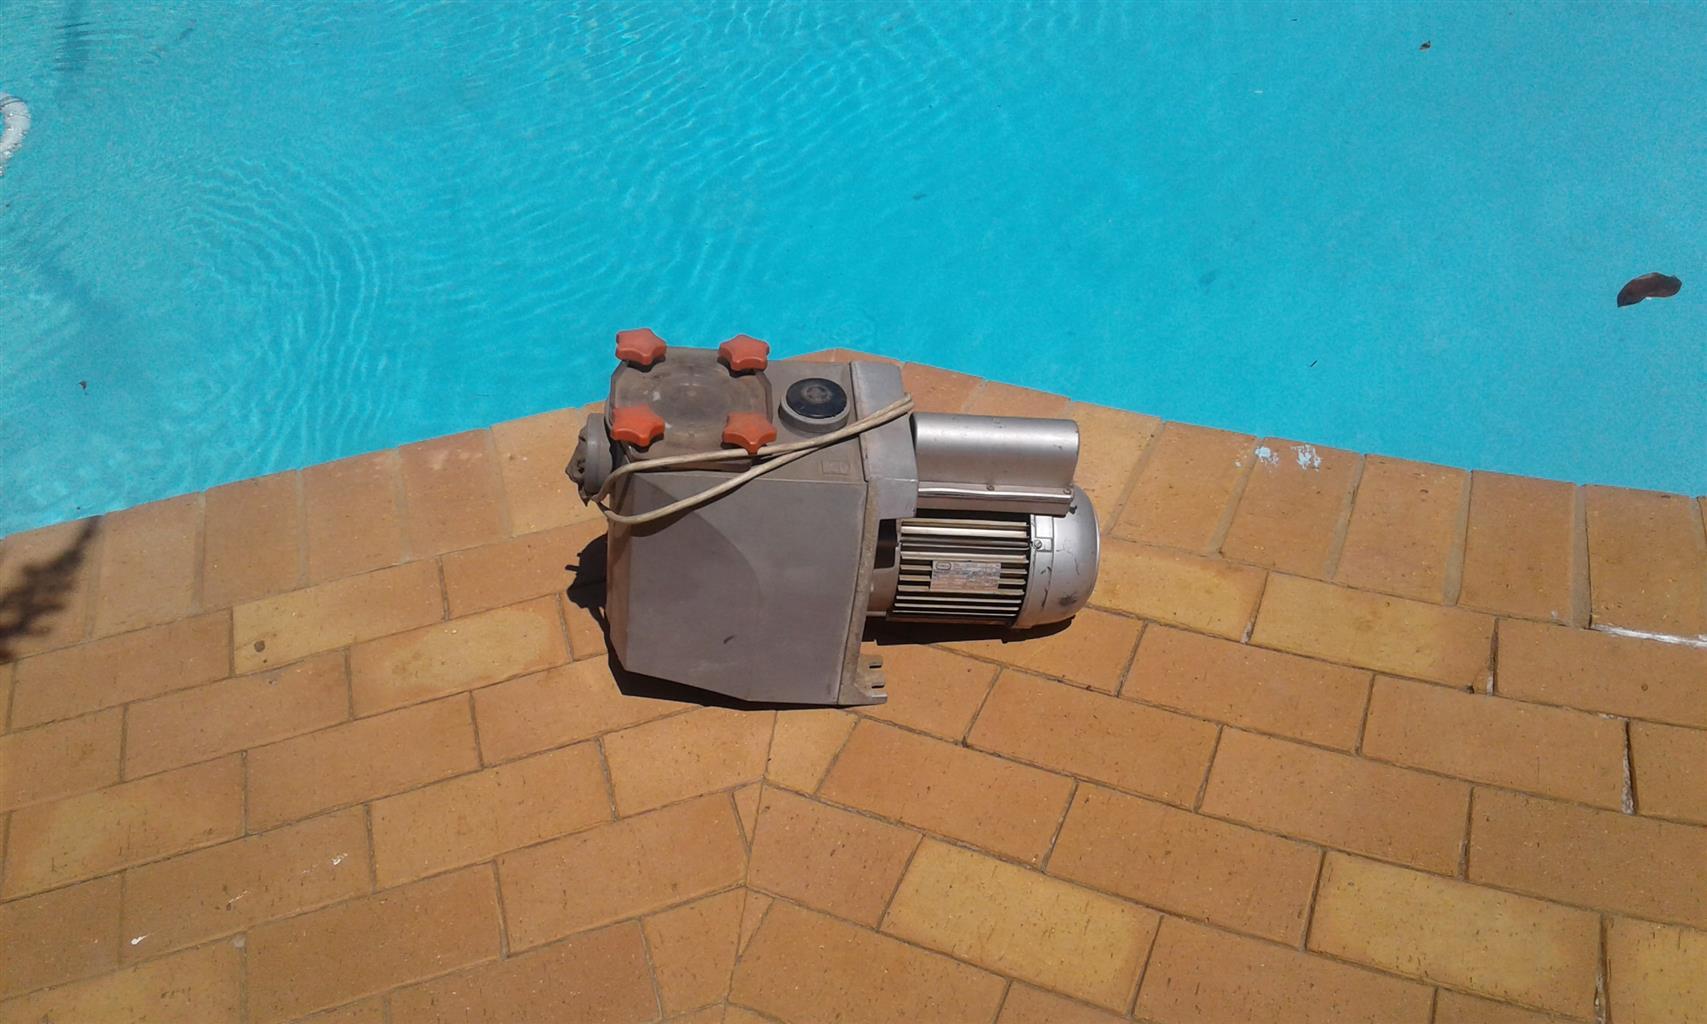 Safeline poolpump